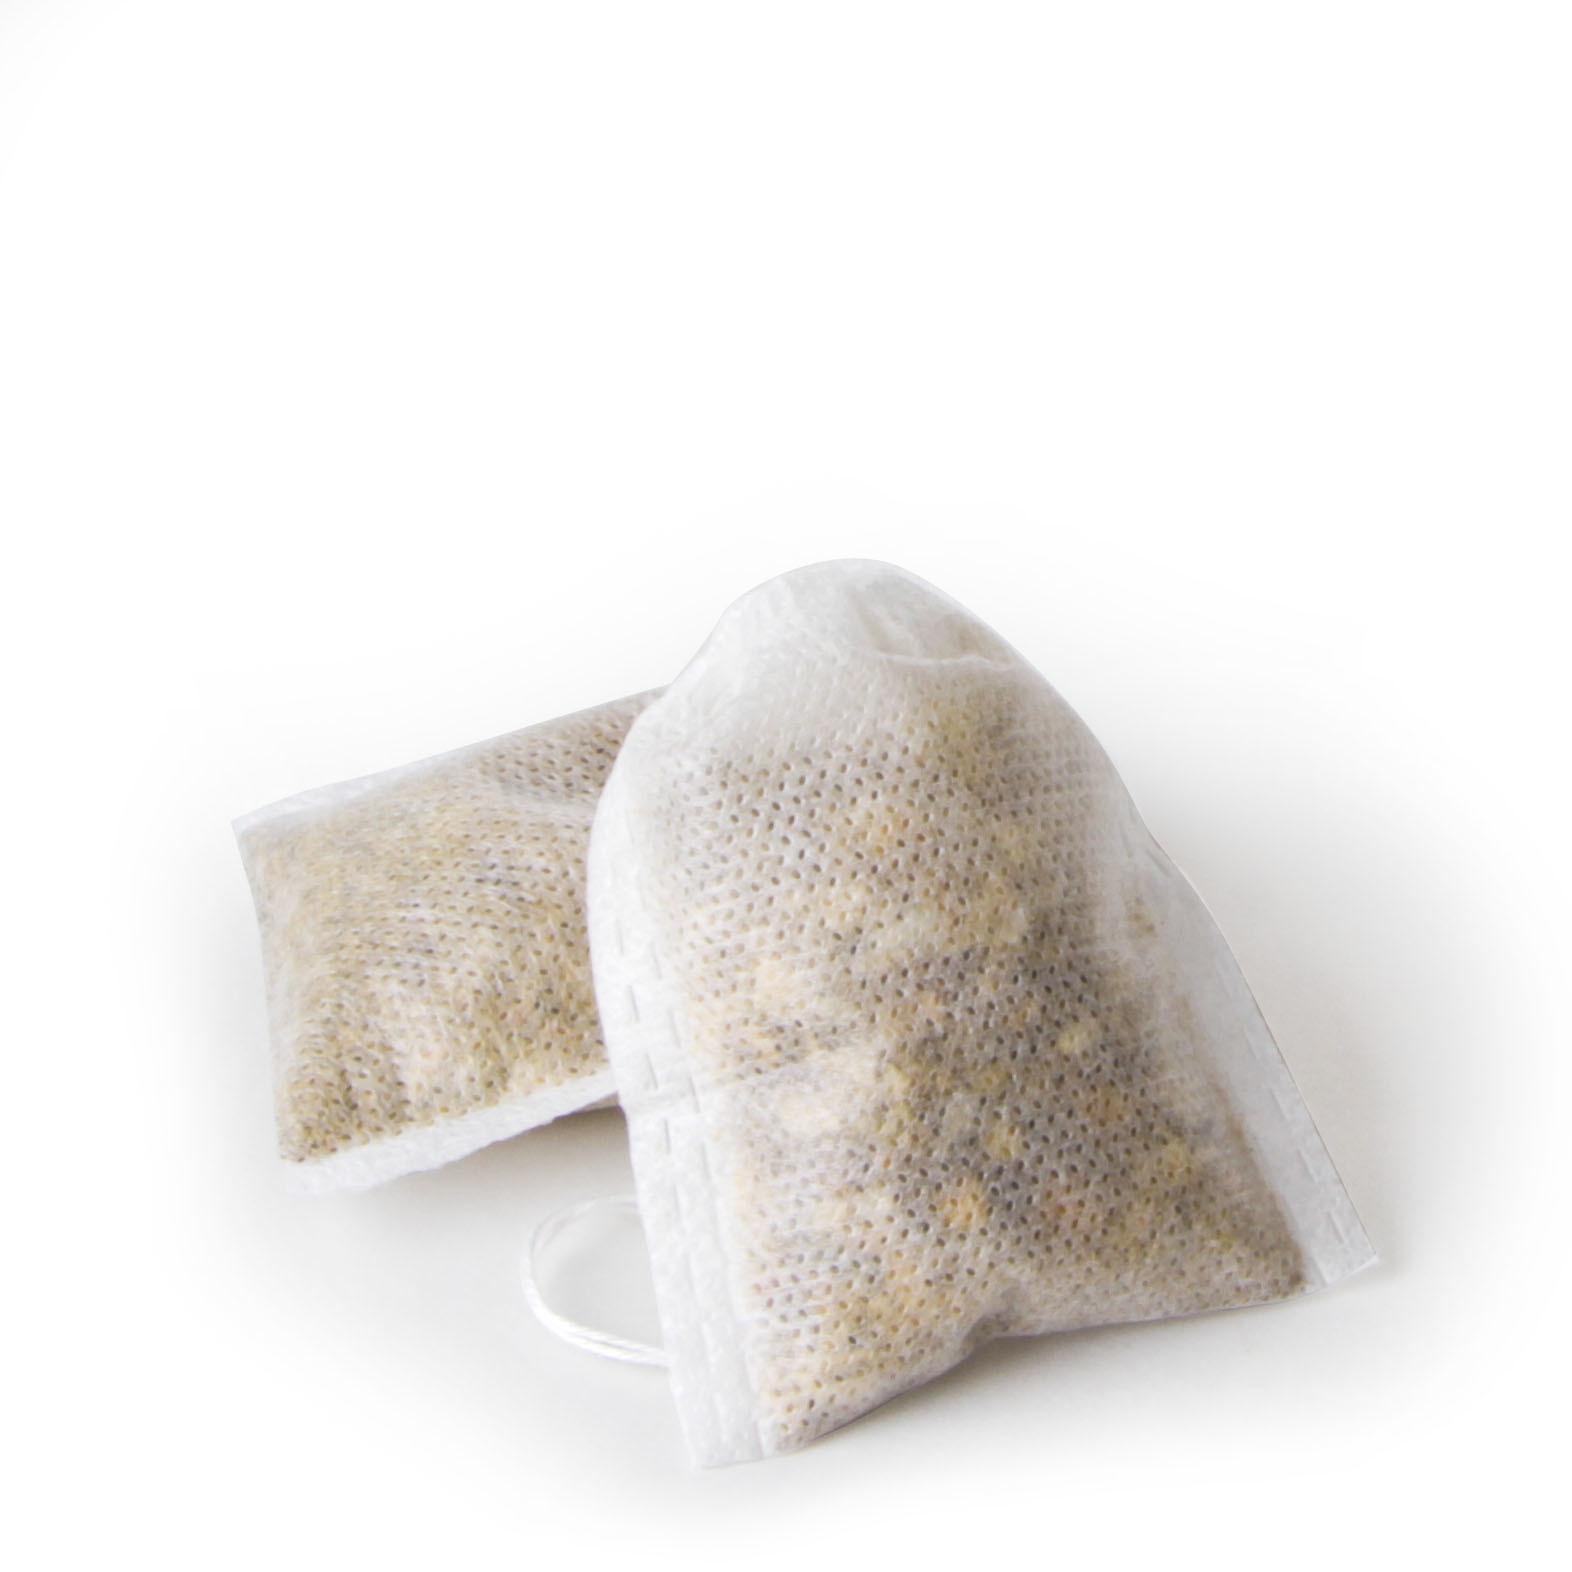 Чай из цветков ромашки. Премиум.